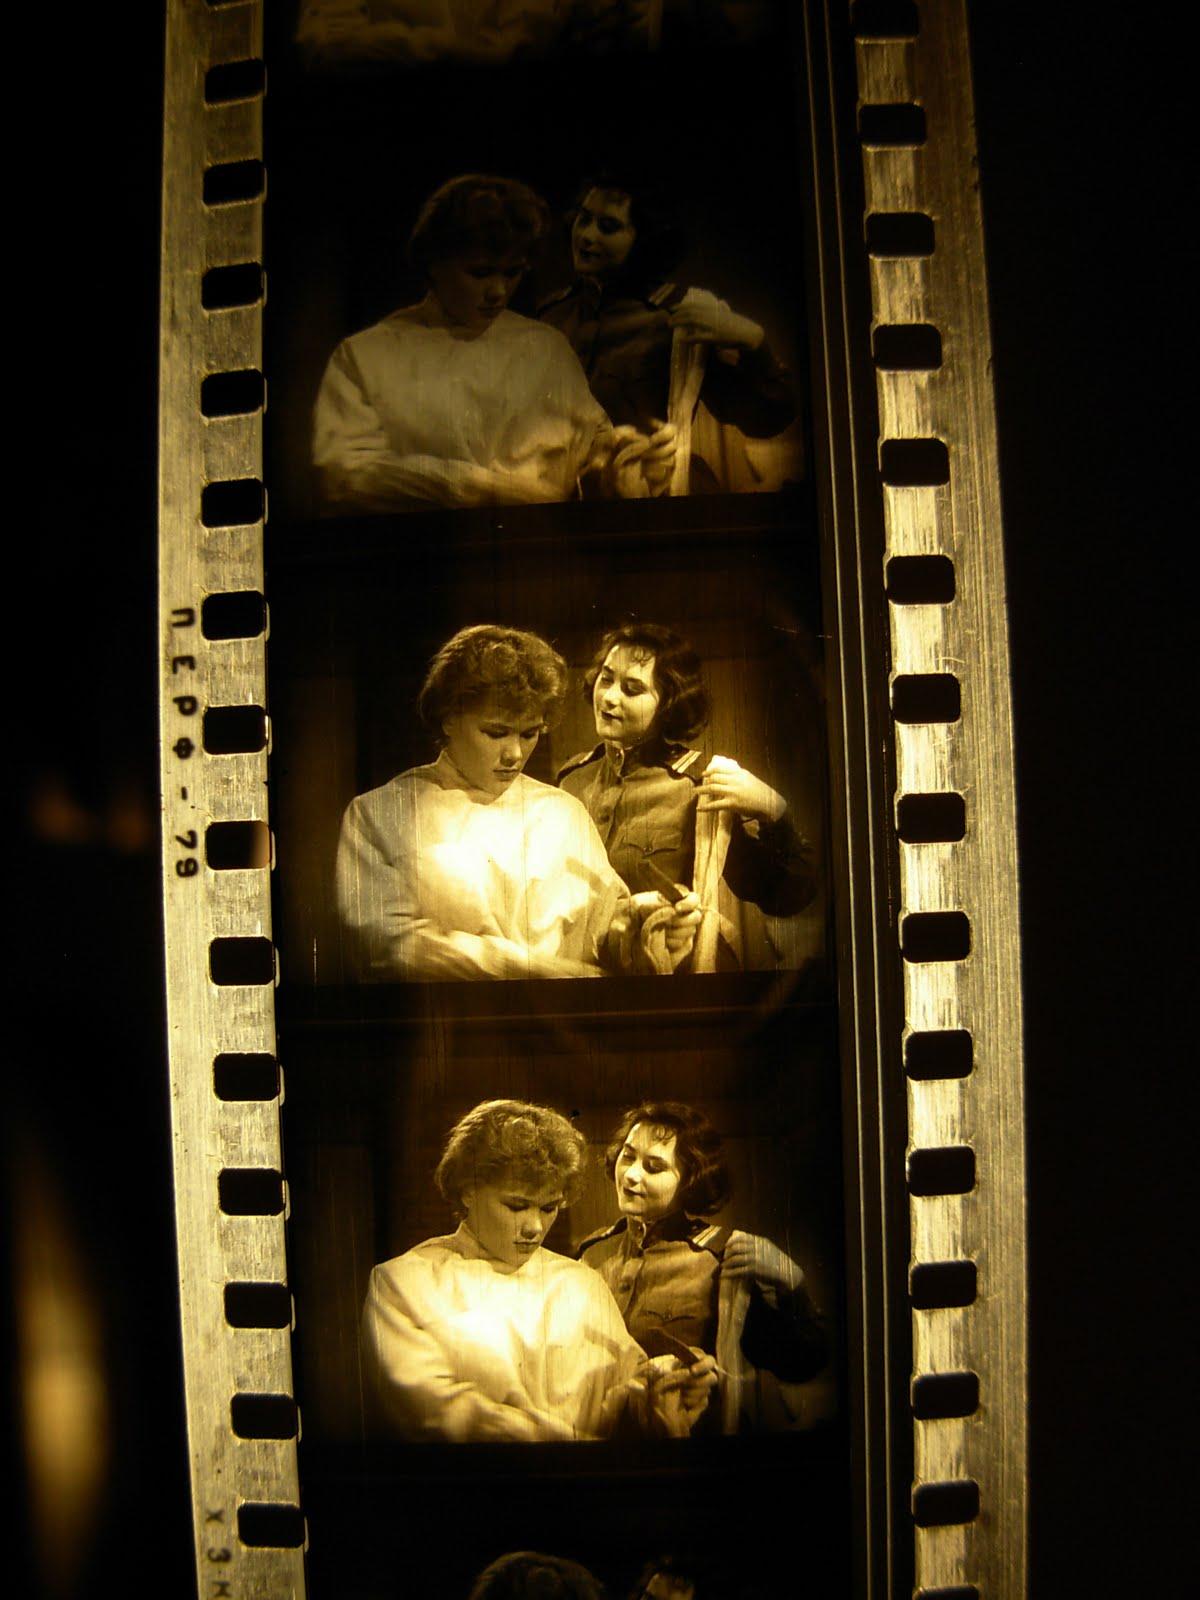 35 Mm Film Wallpaper PicsWallpapercom 1200x1600